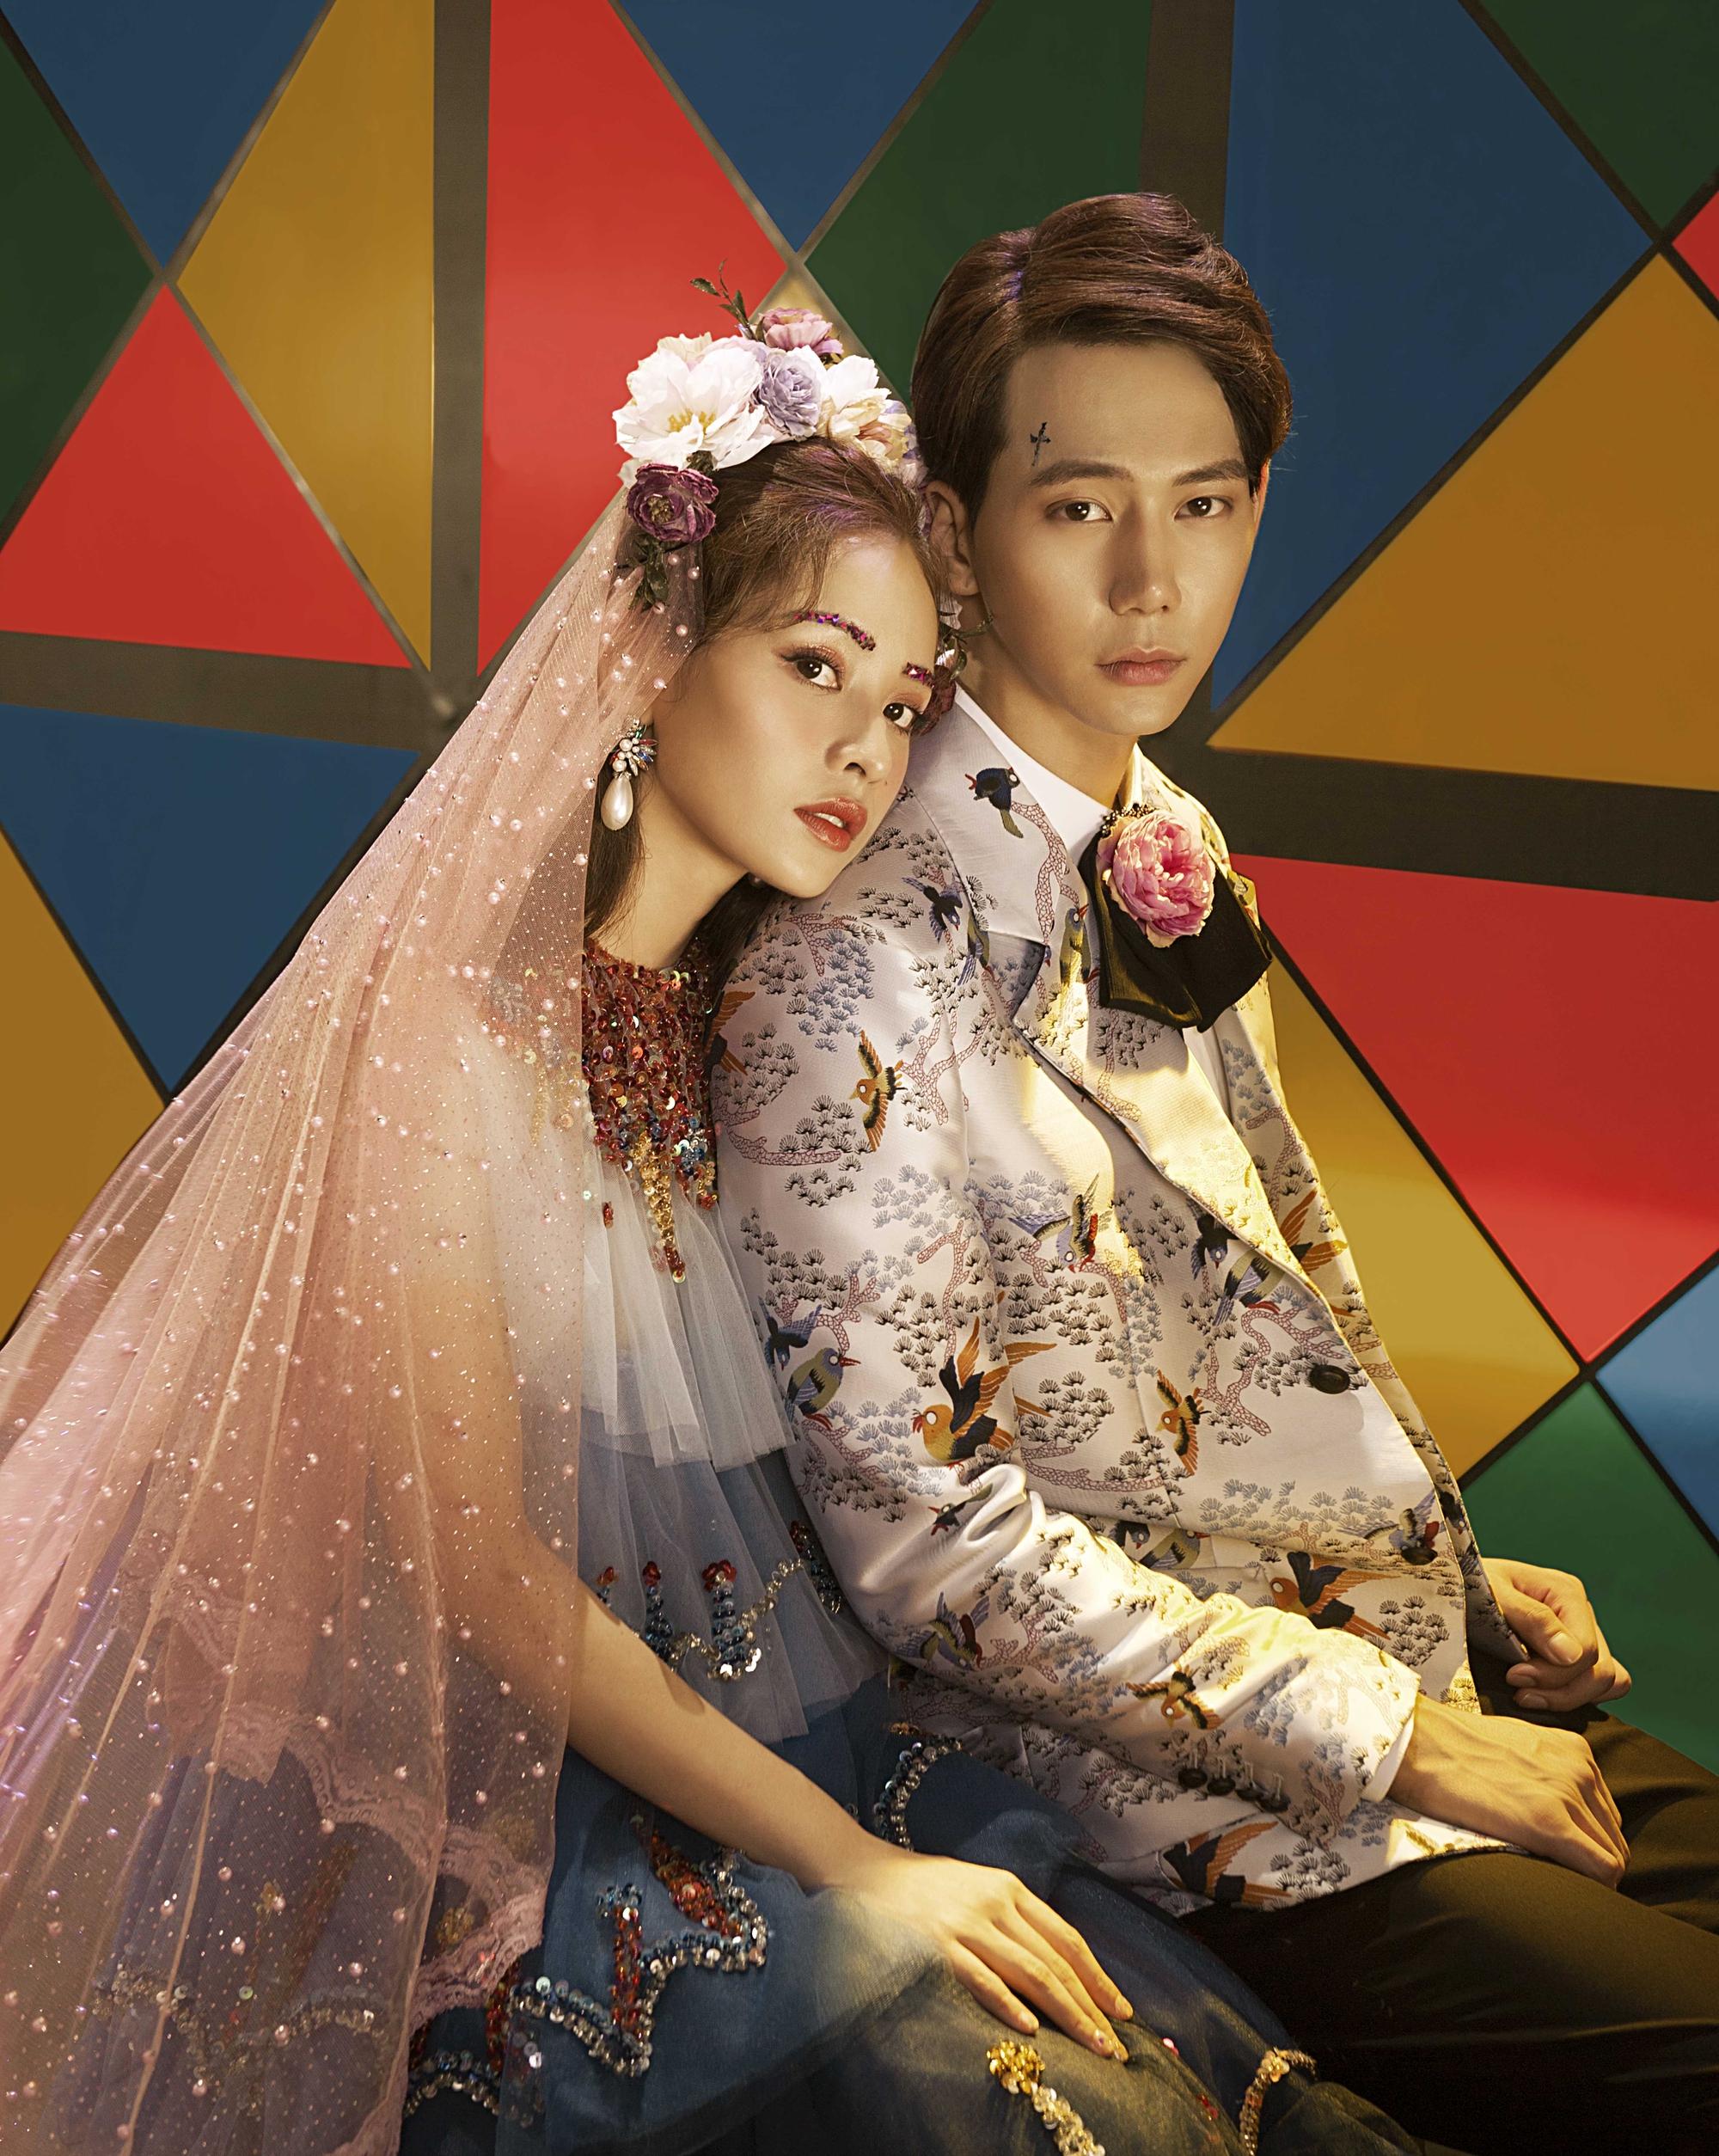 Sau MV chào sân nhiều tranh cãi, Chi Pu phát hành MV debut đậm màu Kpop cùng bạn diễn điển trai xứ Hàn - Ảnh 3.